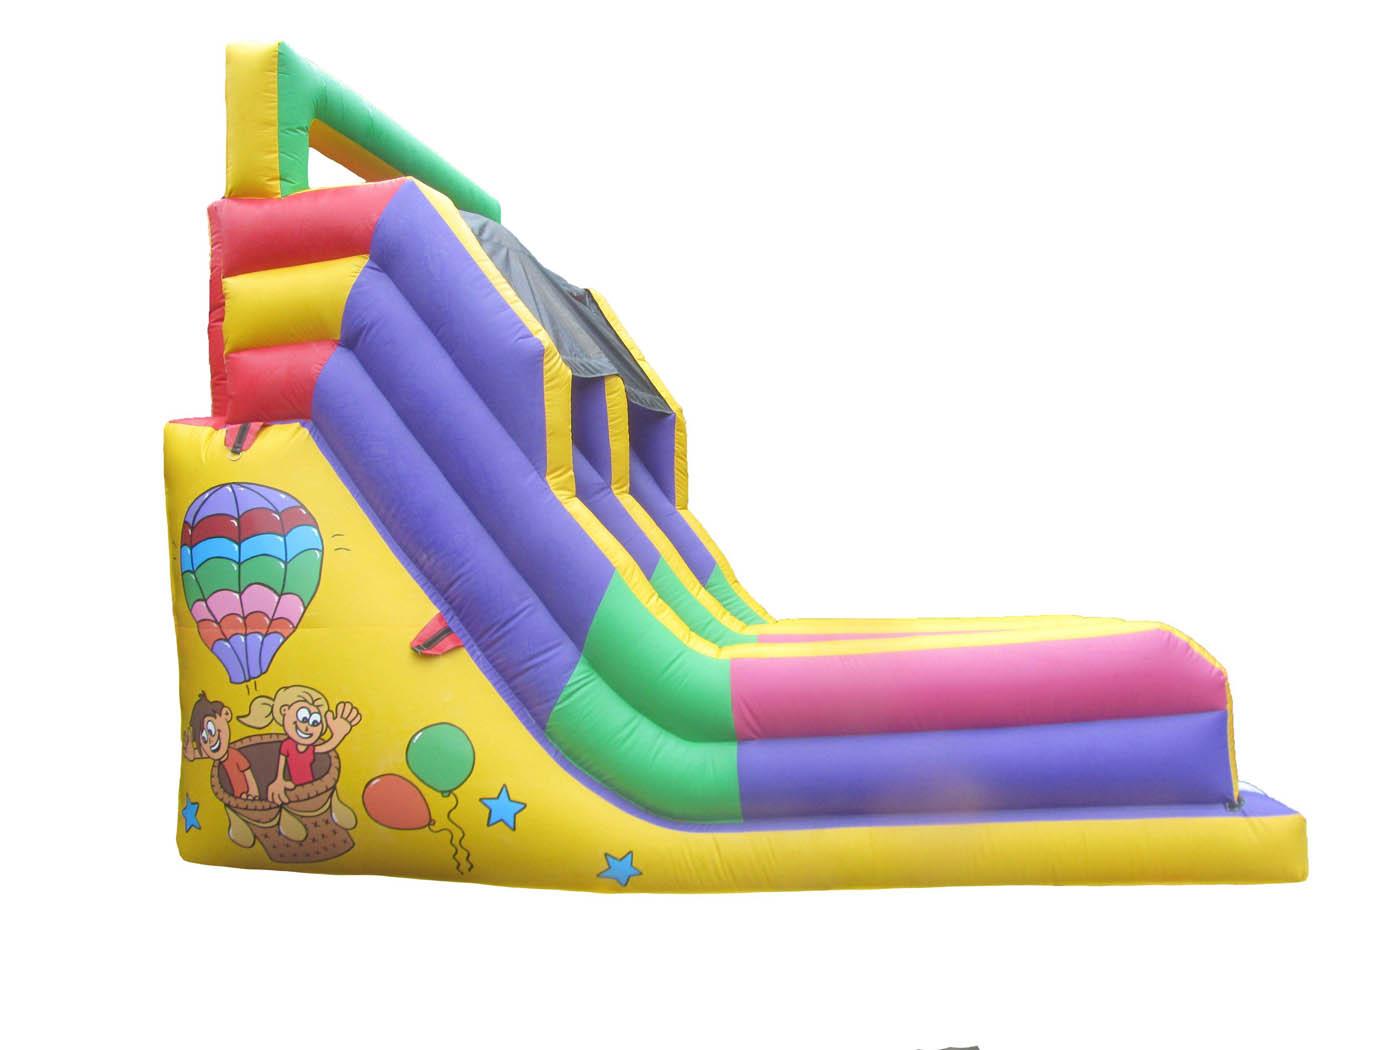 Commercial Bouncy Slide